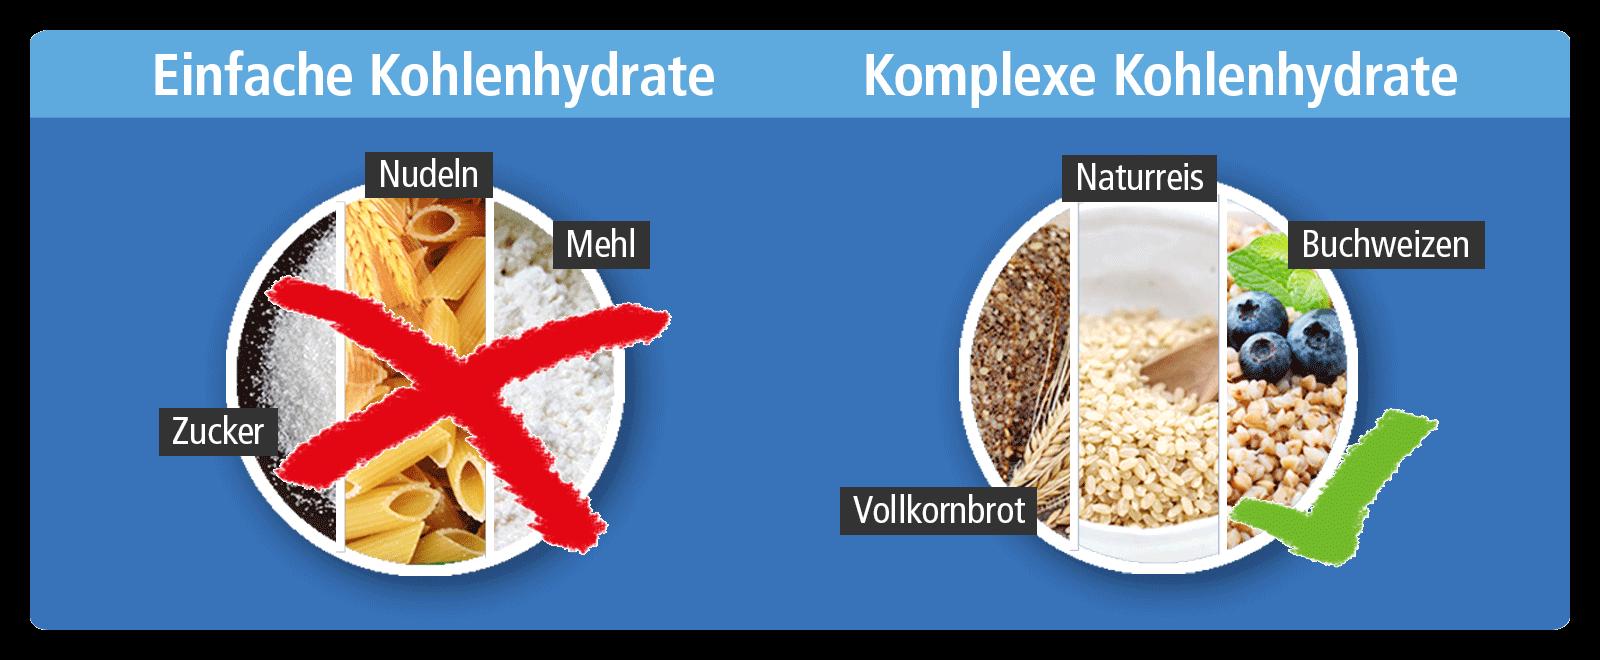 komplexe einfache kohlenhydrate - Die verschiedenen Stoffwechseltypen